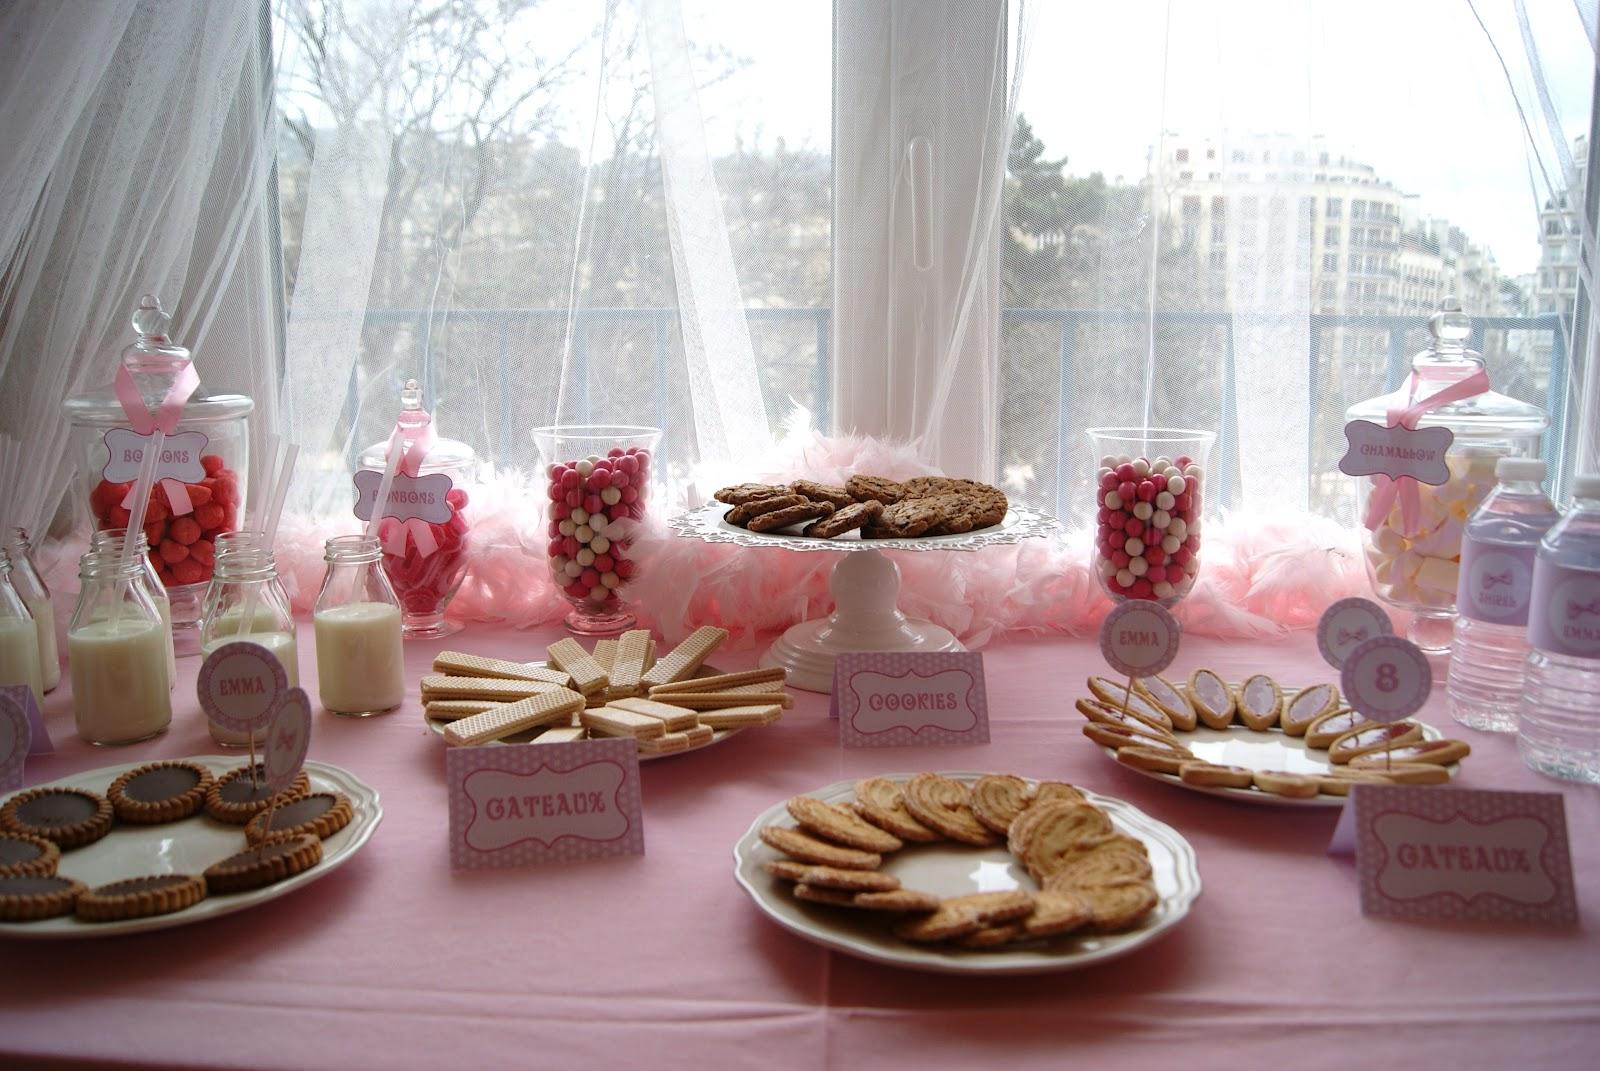 décoration de table rose avec bouteille de lait, bonbonnières et gourmandises.